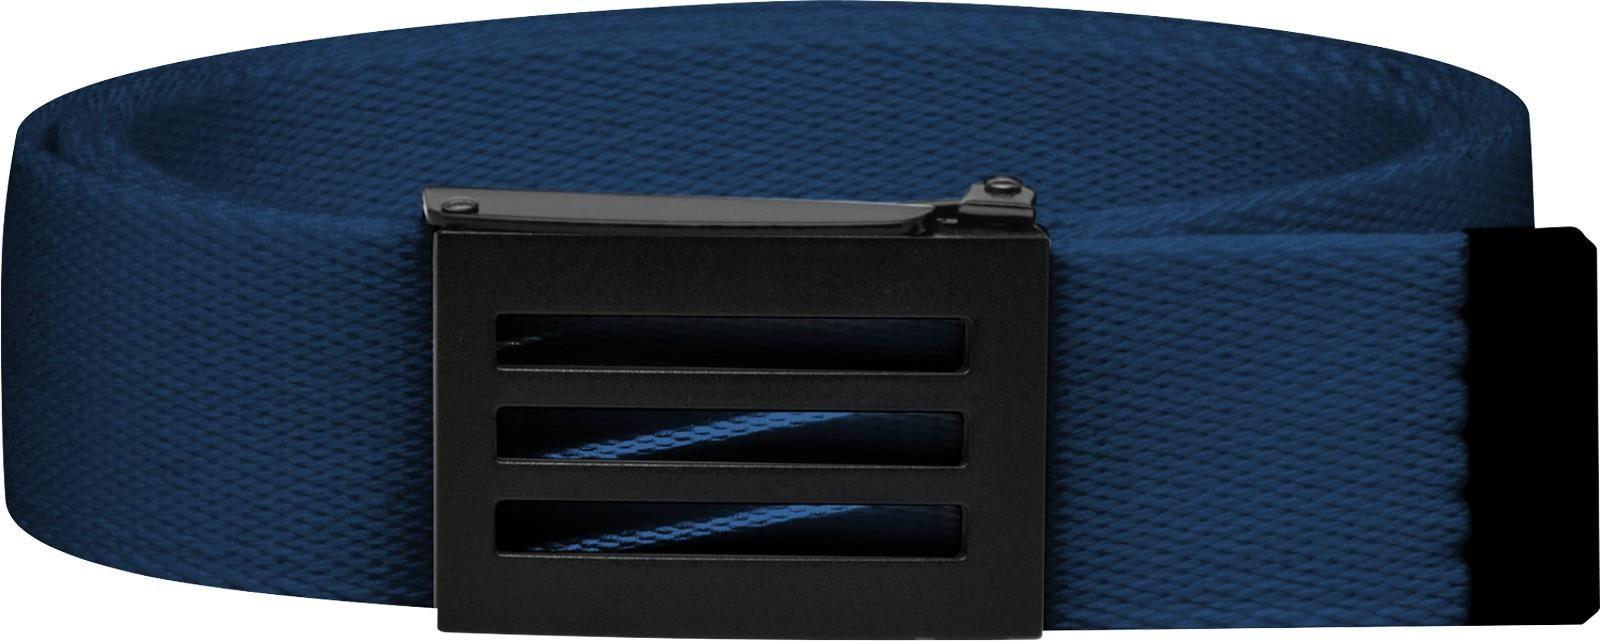 Adidas webbing opasek, modrý